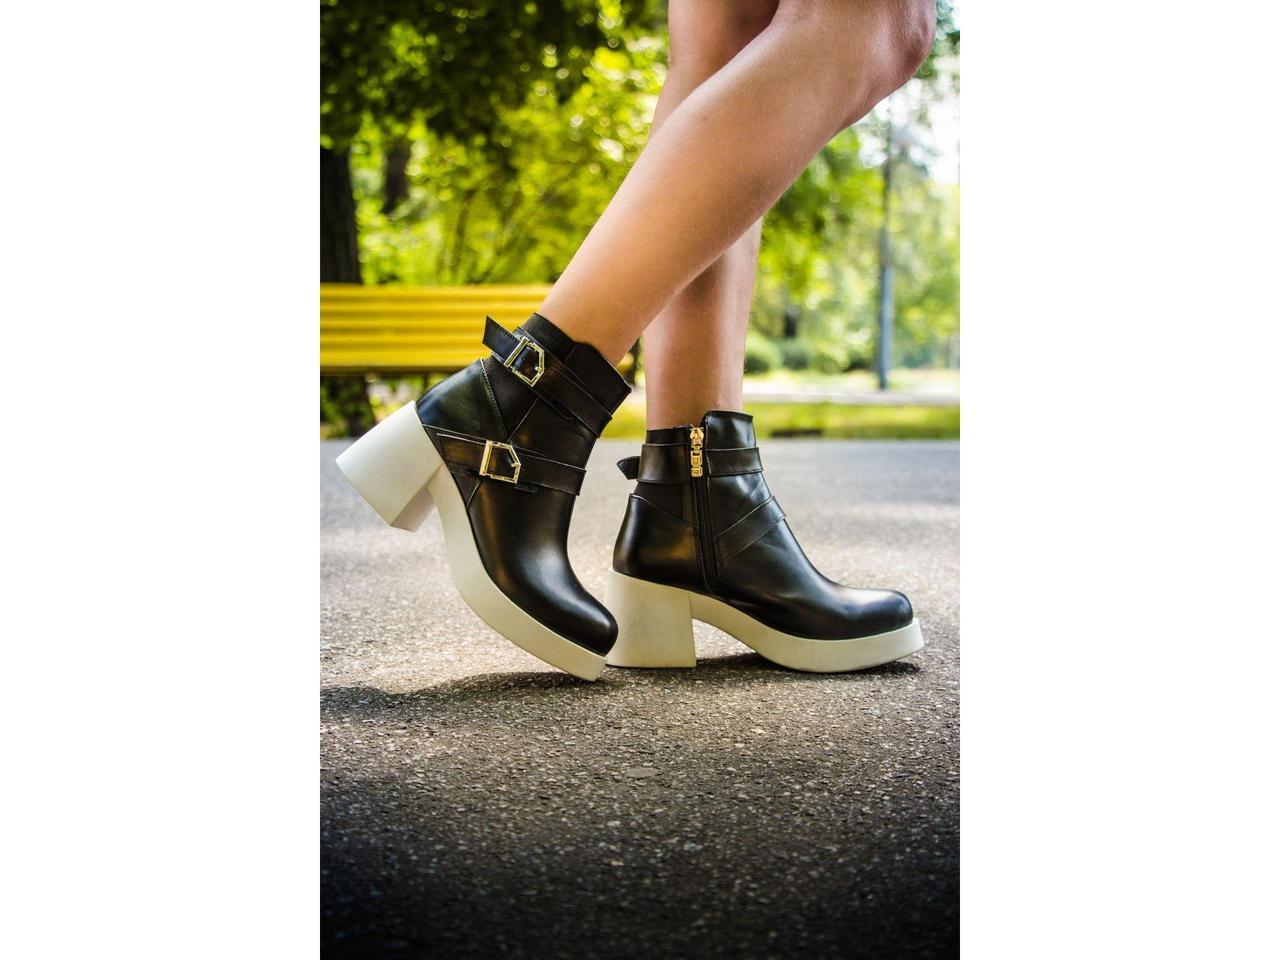 Ботинки в черной коже на молнии с ремешками и застежками на белой устойчивой подошве коллекция осень-зима 2016, Б-1665